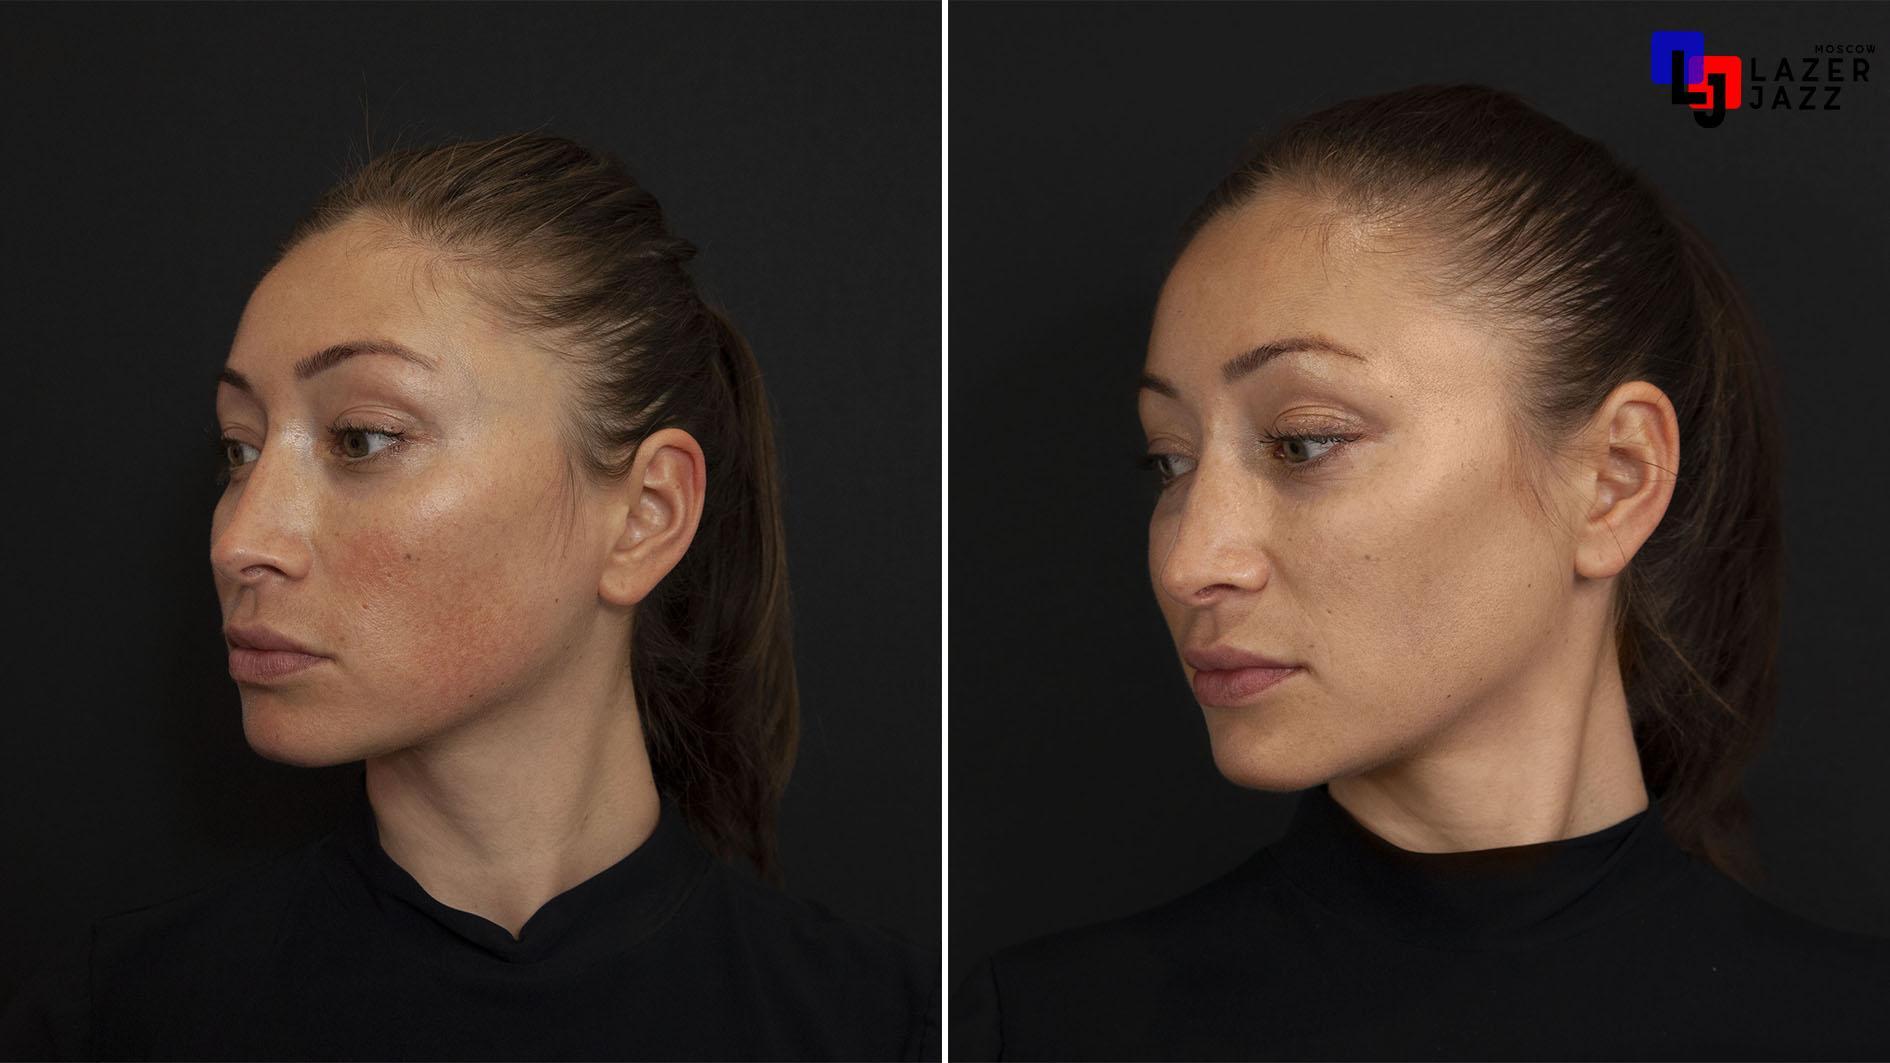 Lechenie-rozacea-pacientka-35-let